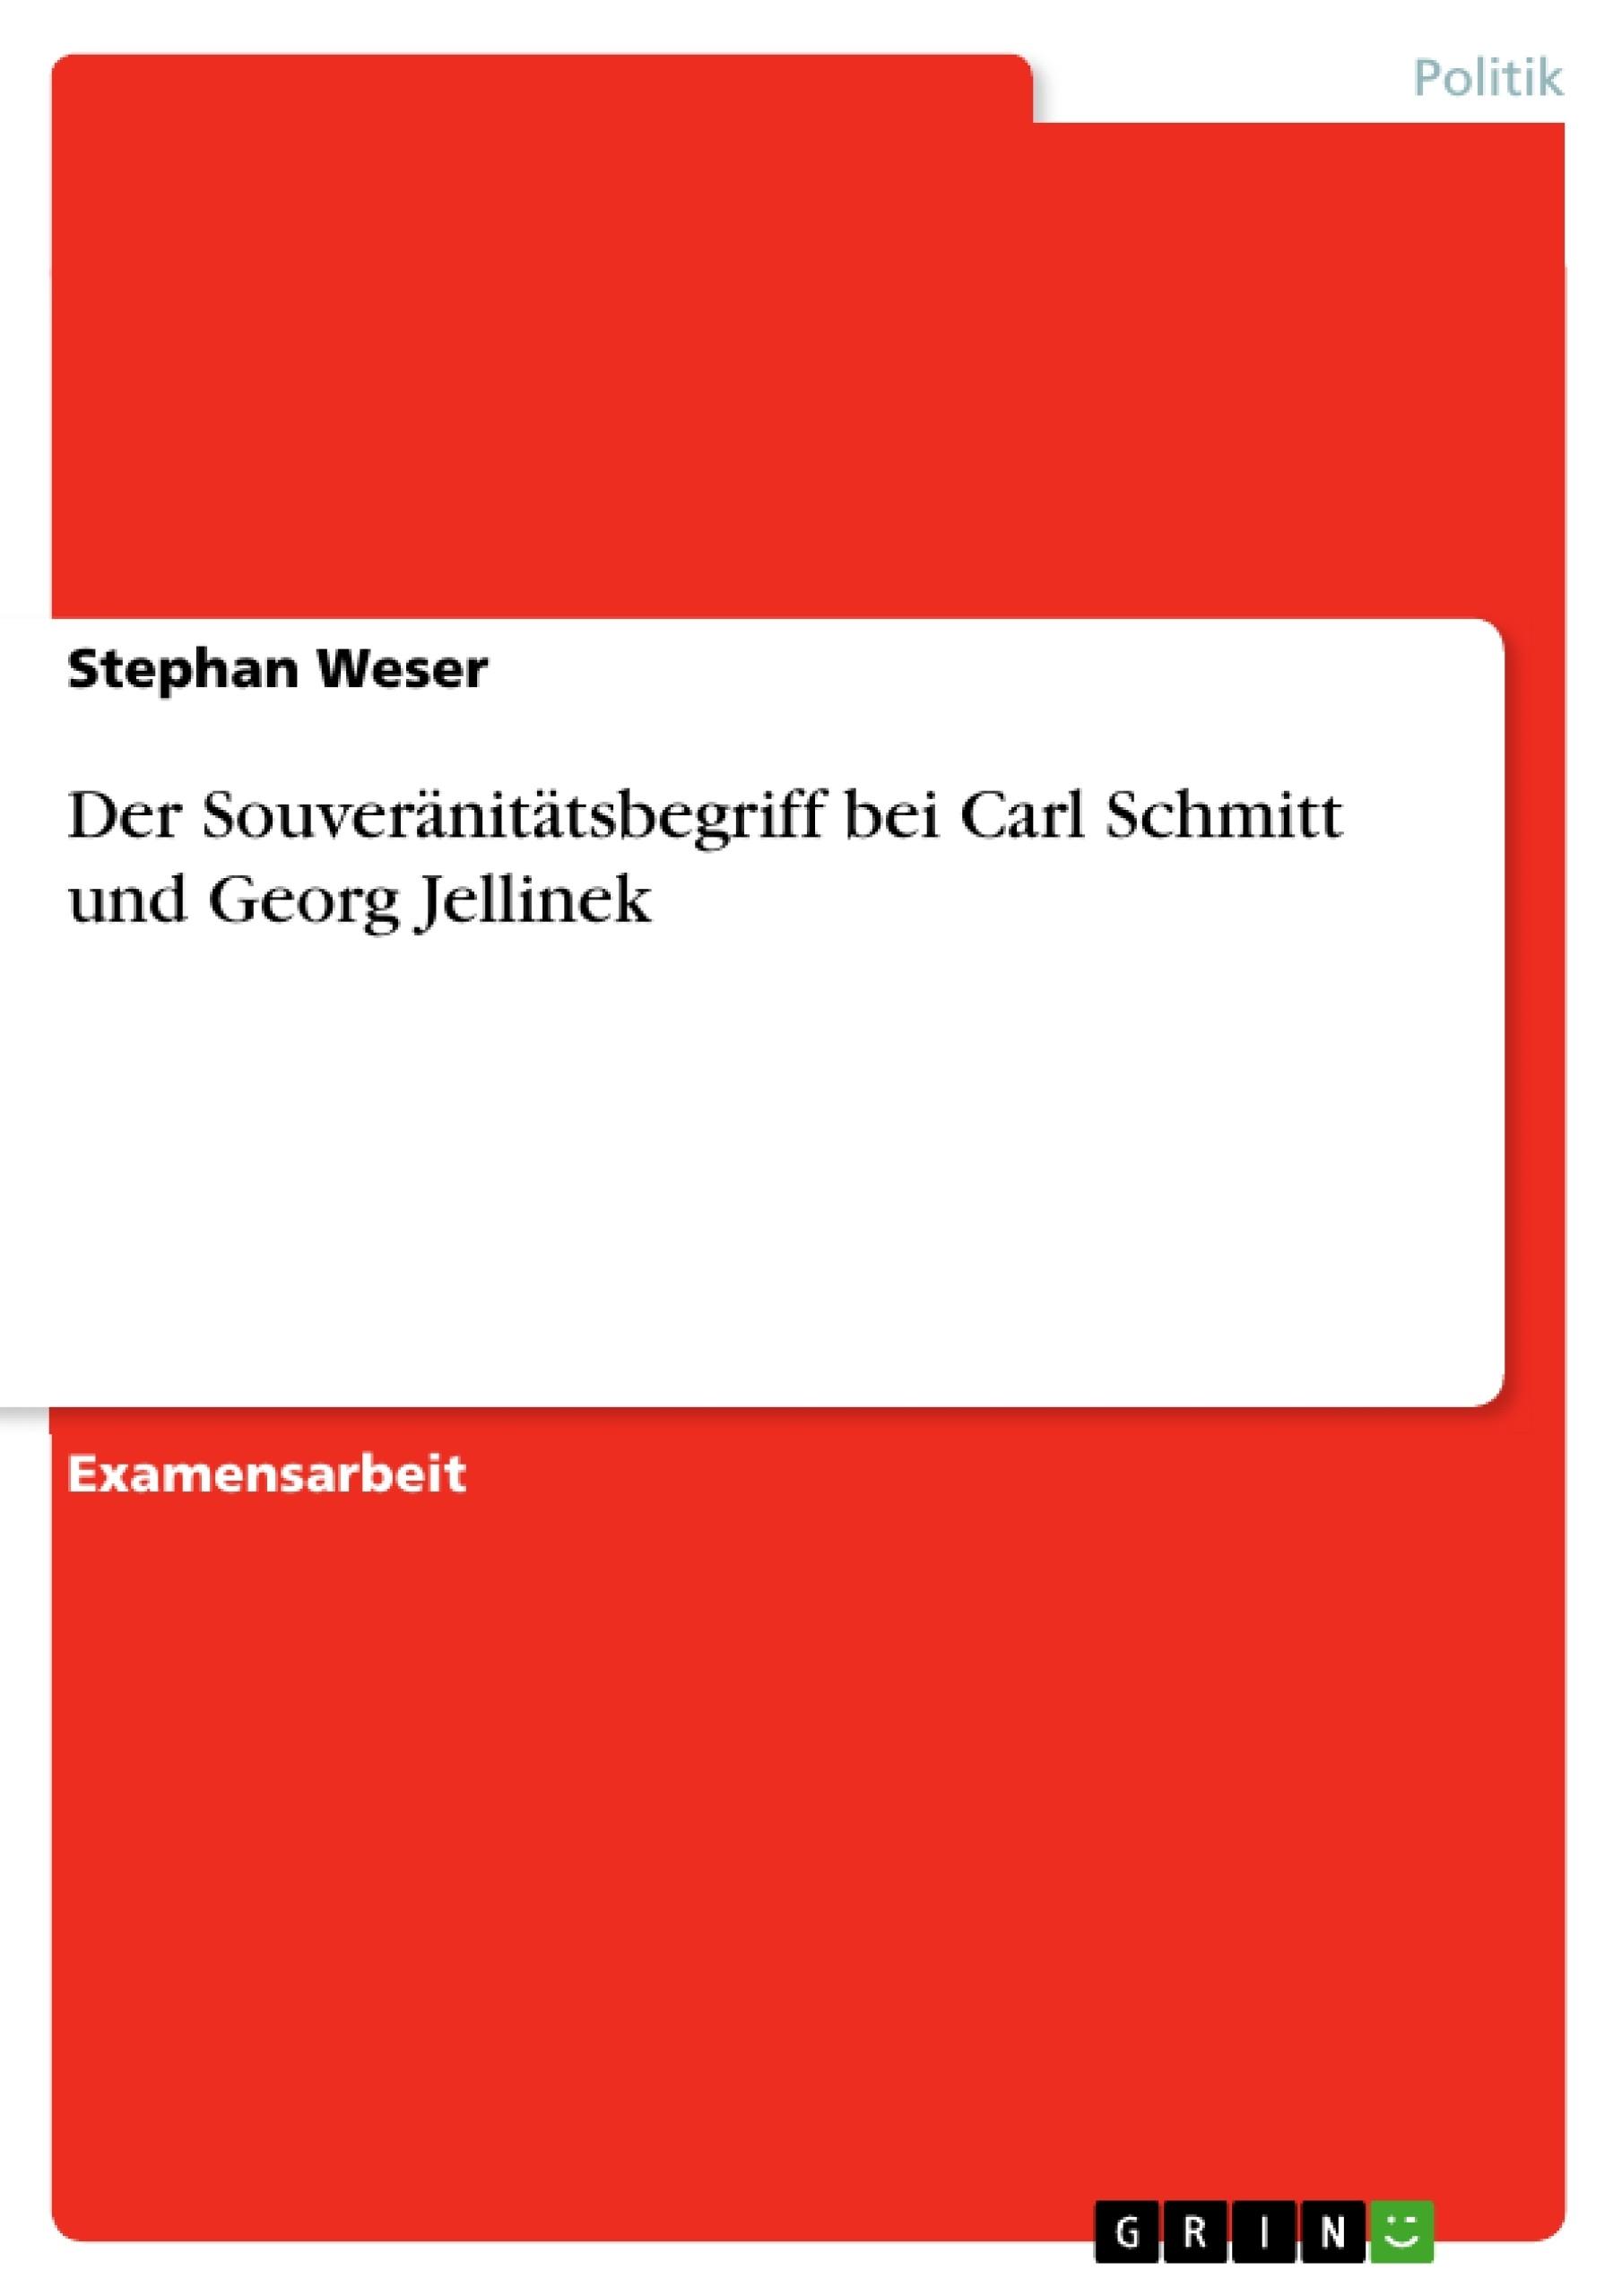 Titel: Der Souveränitätsbegriff bei Carl Schmitt und Georg Jellinek